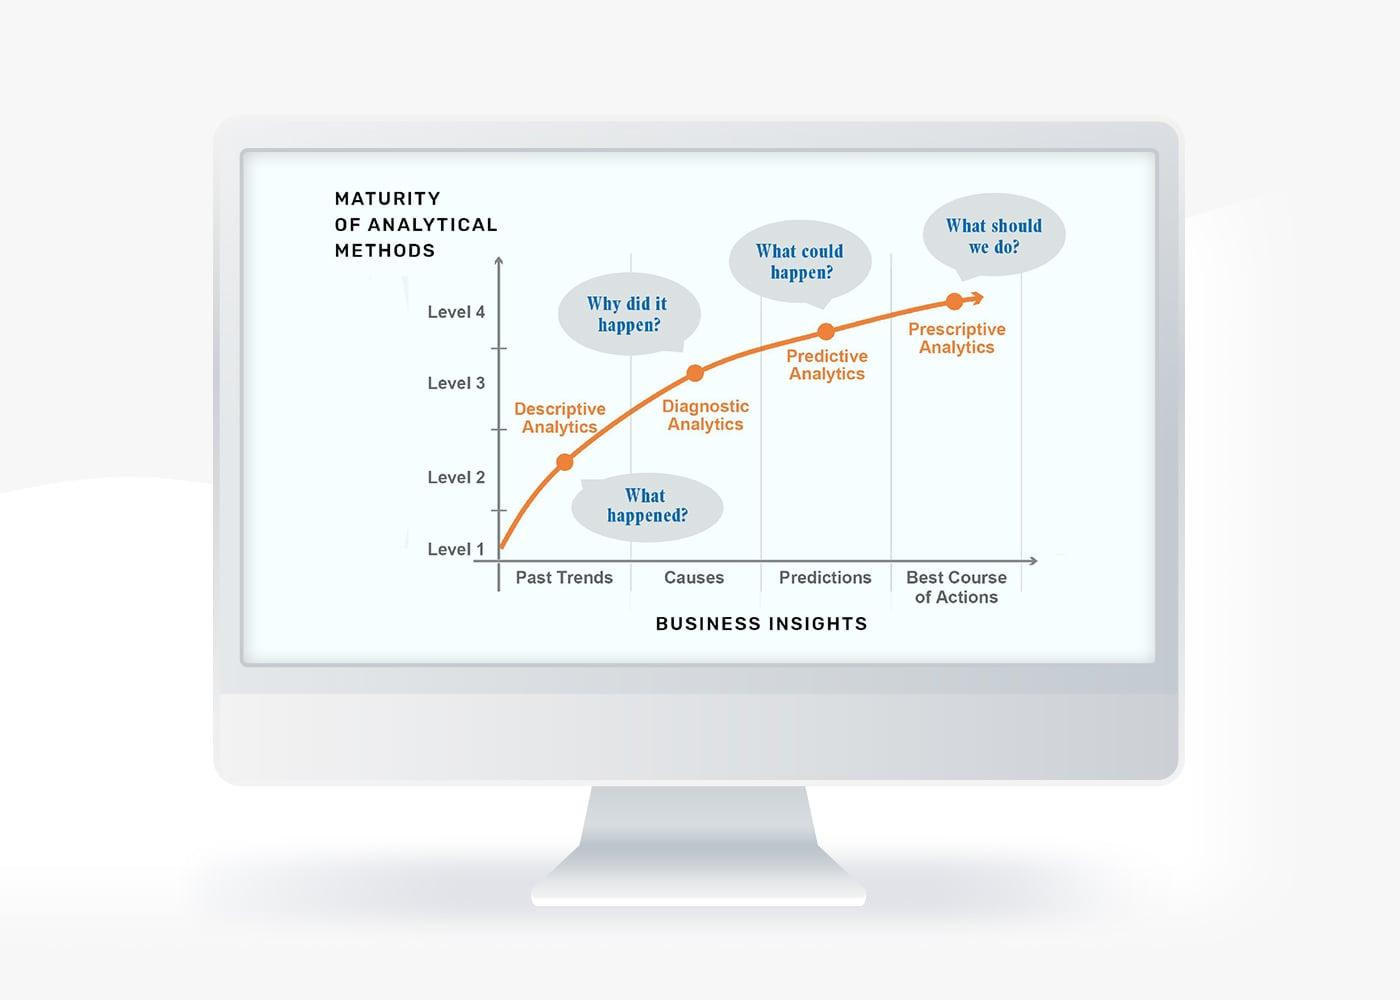 Four Primary Types of Analytics